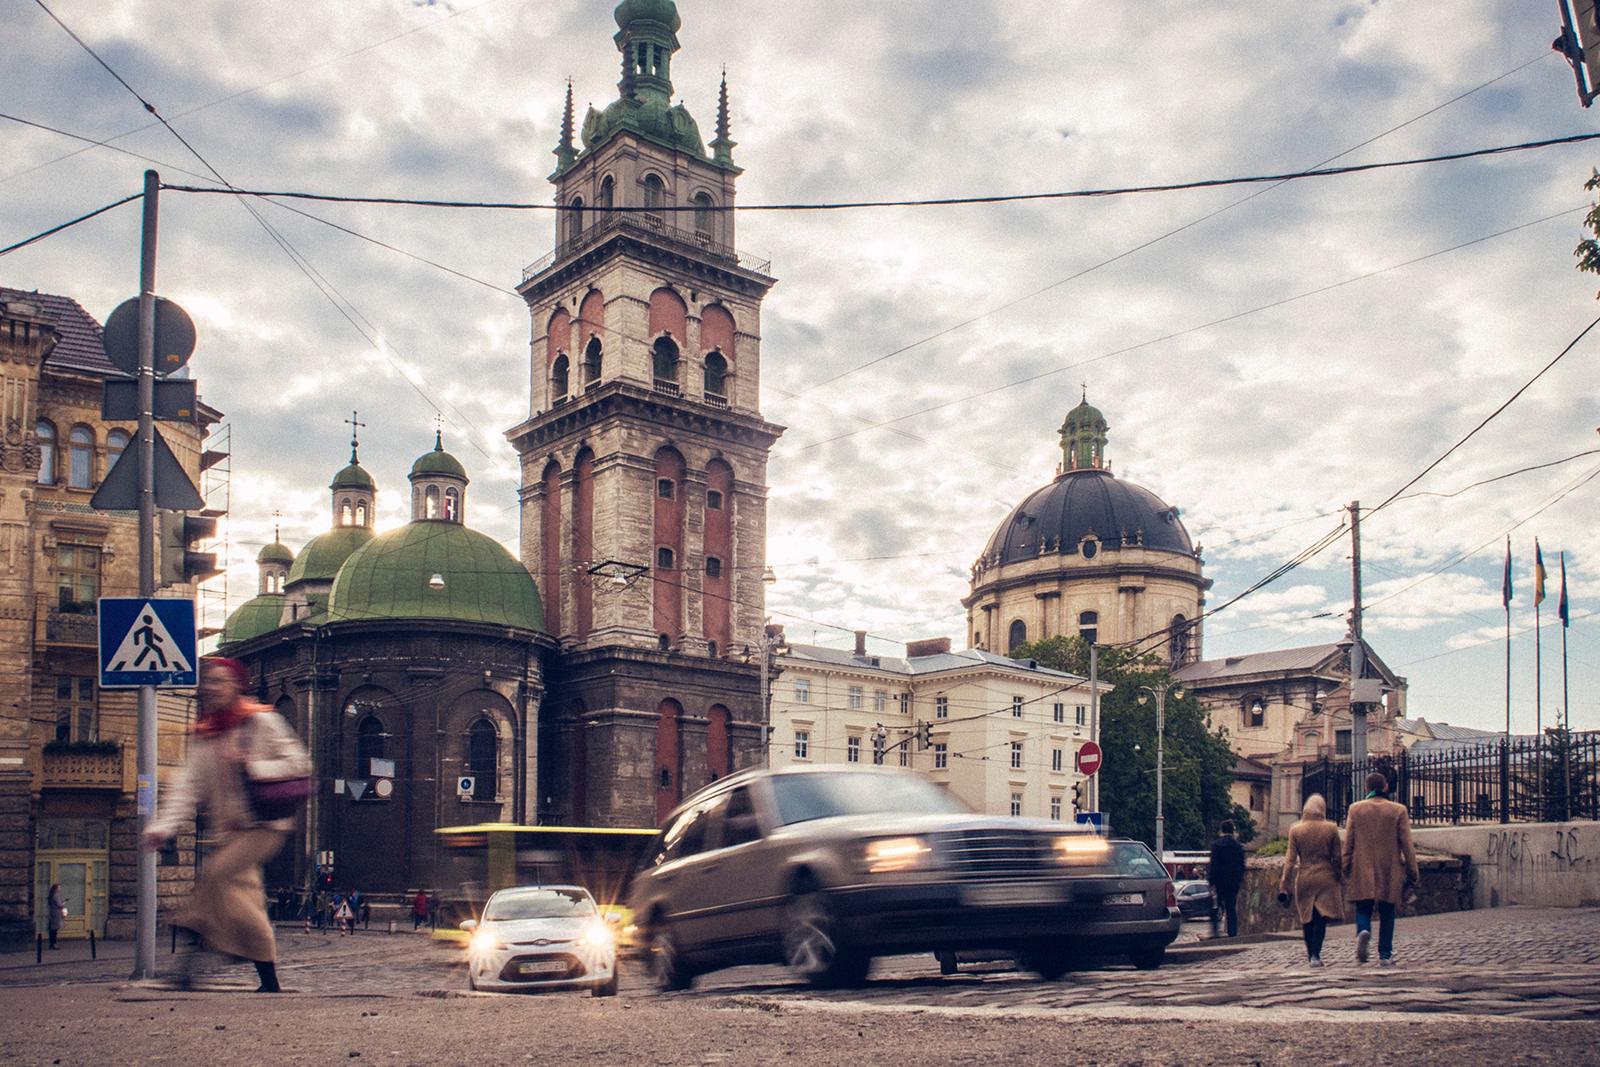 Вежа Корнякта, Успенська церква і каплиця Трьох Святителів